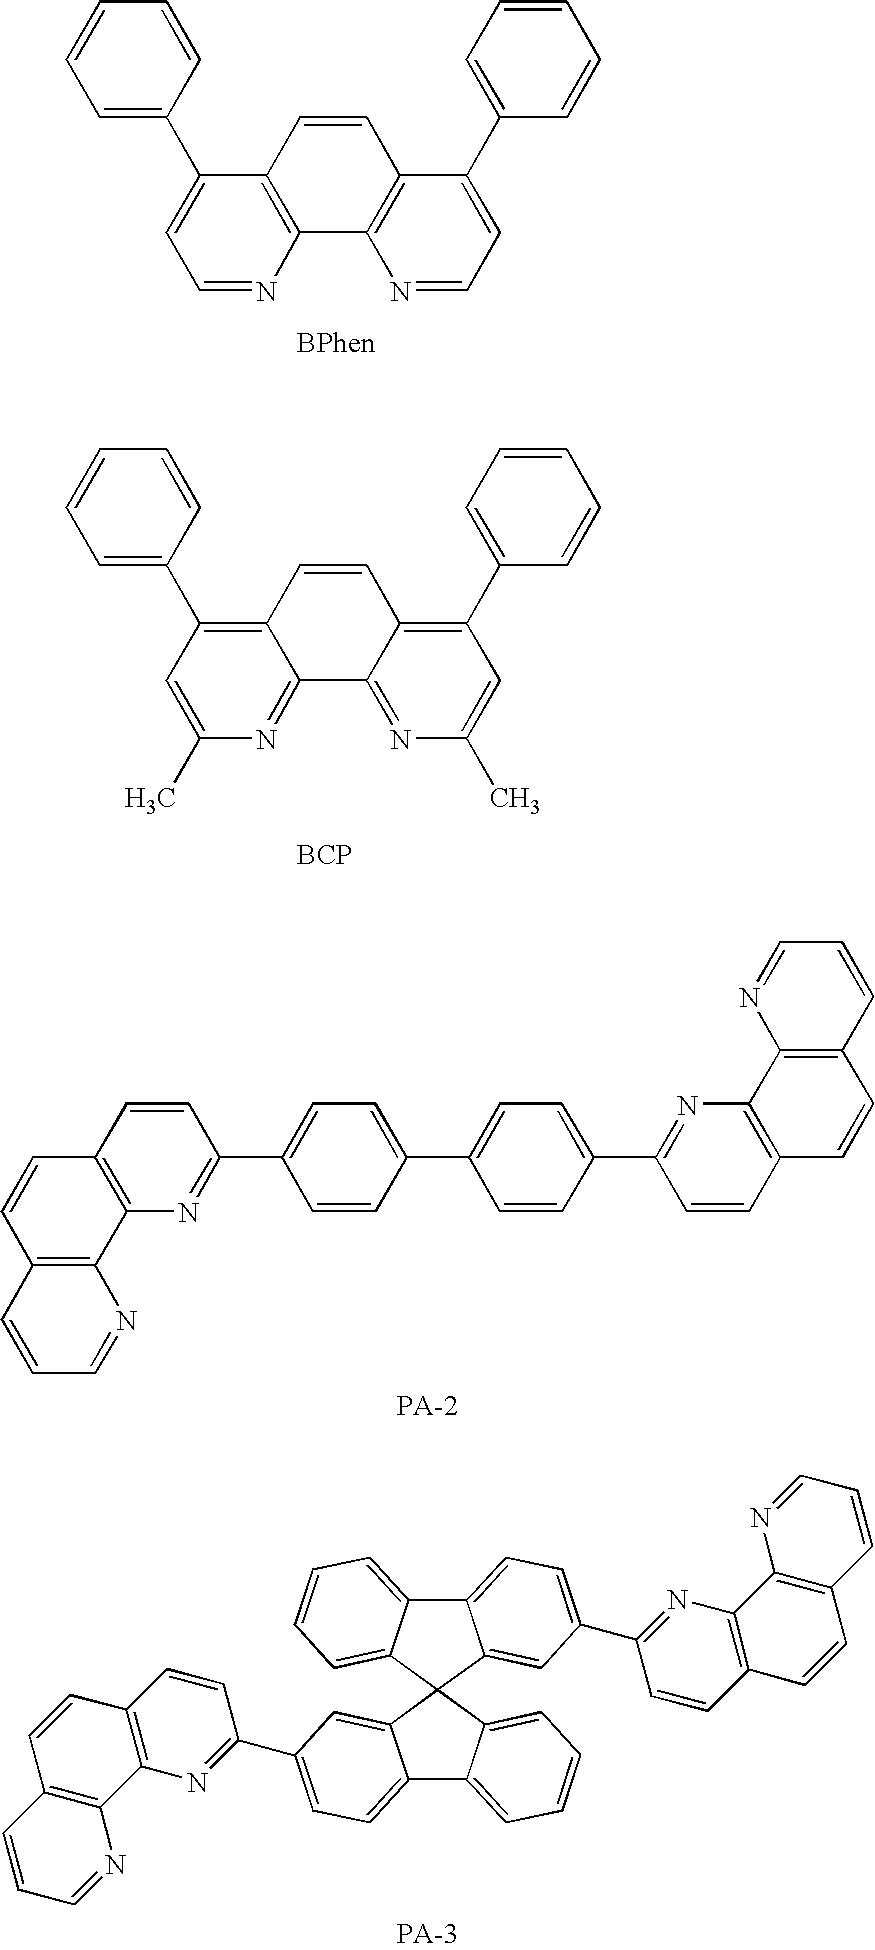 Figure US20070126347A1-20070607-C00032